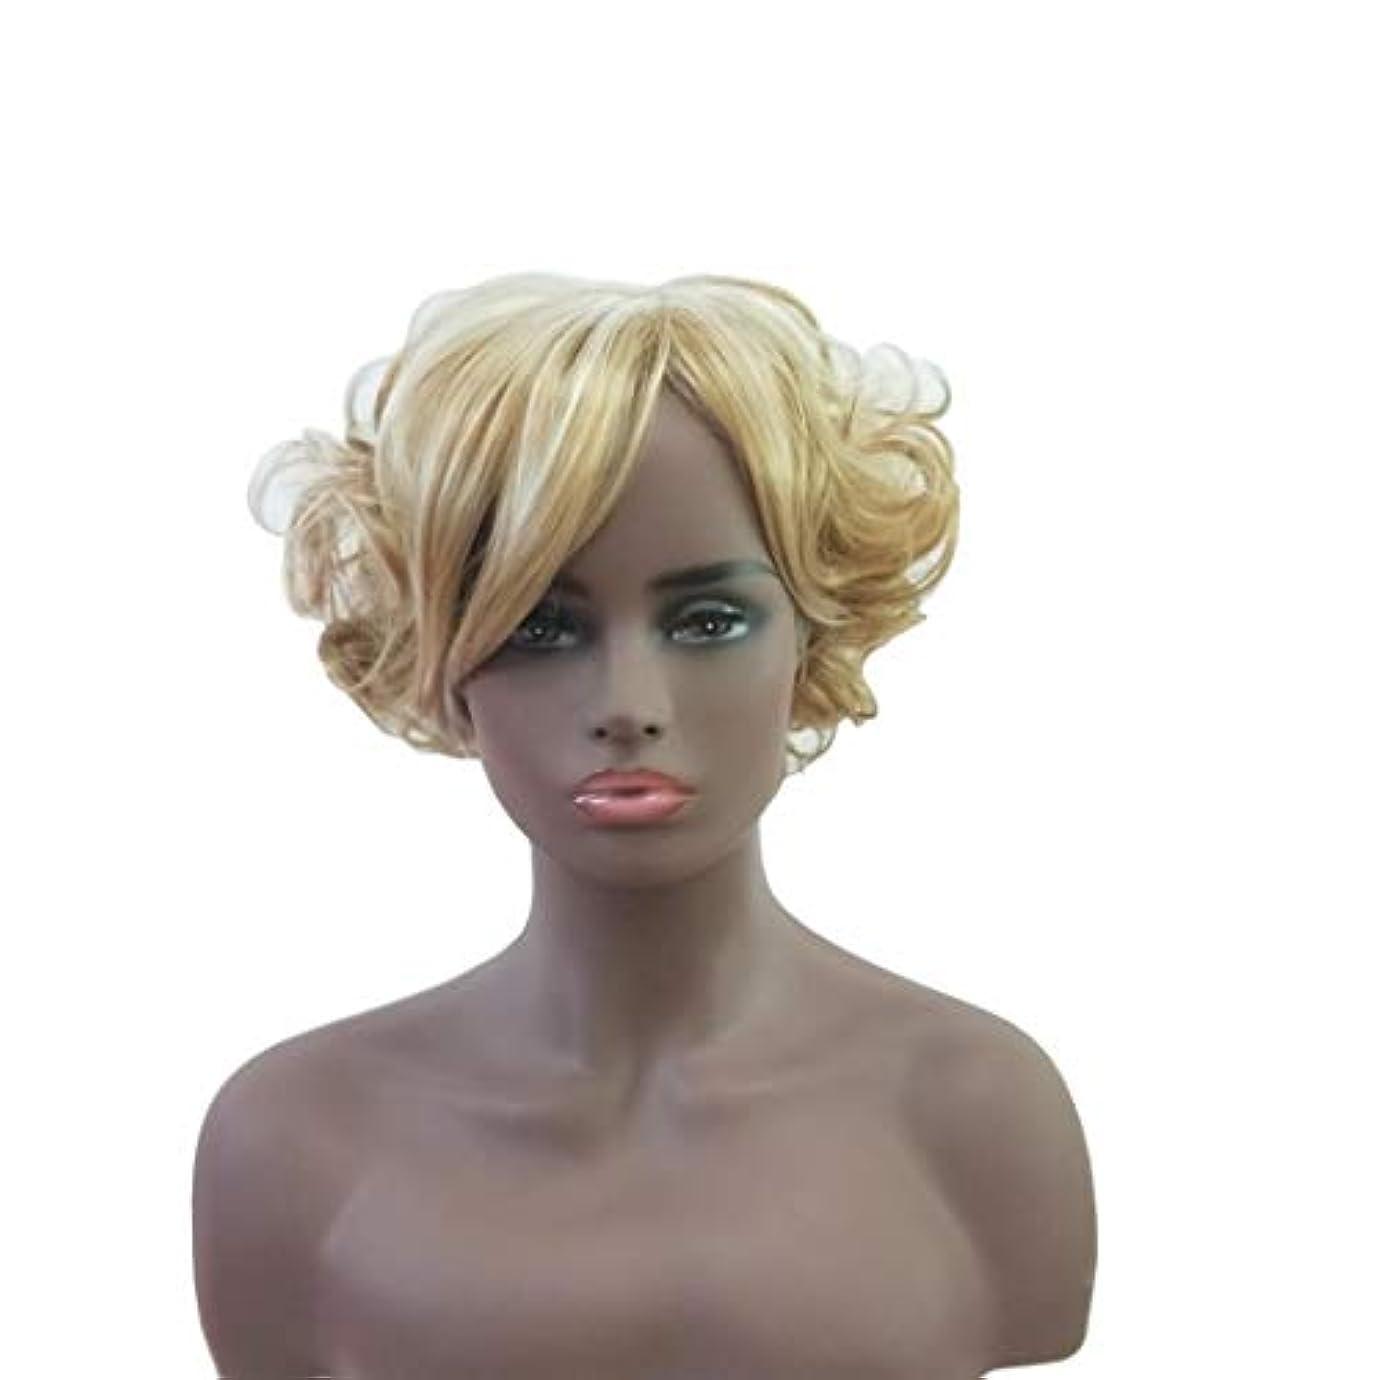 楽しいがっかりしたルネッサンスSummerys 女性のための短い巻き毛のかつらかつら前髪付きかつら人工毛髪かつら自然なかつら